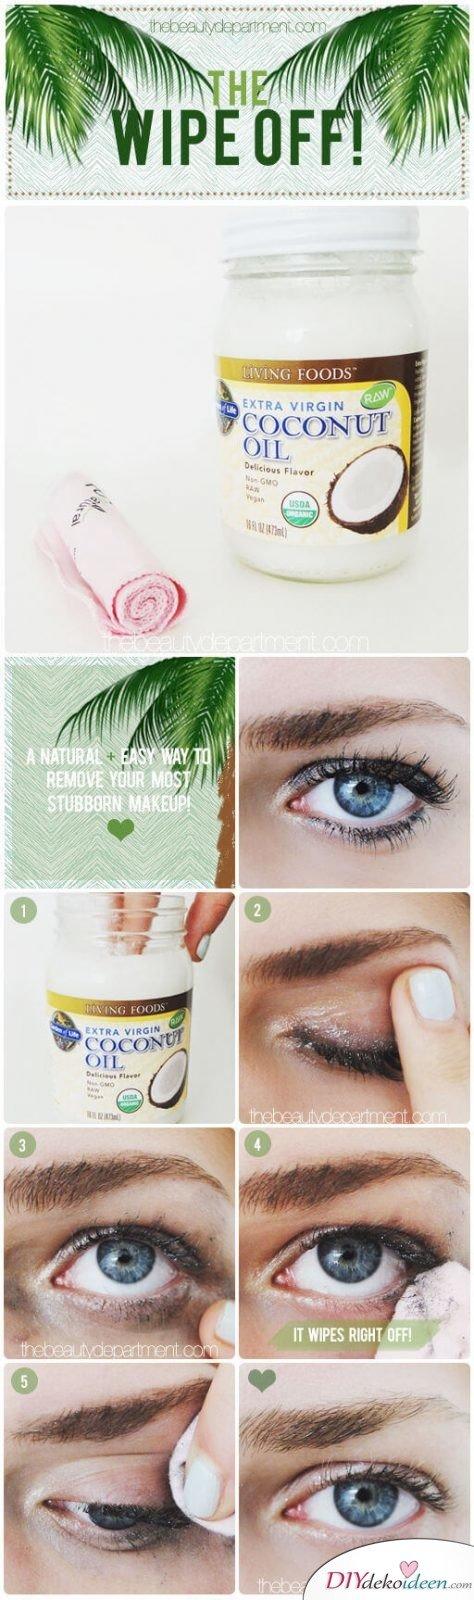 DIY Hausmittel um wasserfestes Make-Up leicht zu entfernen